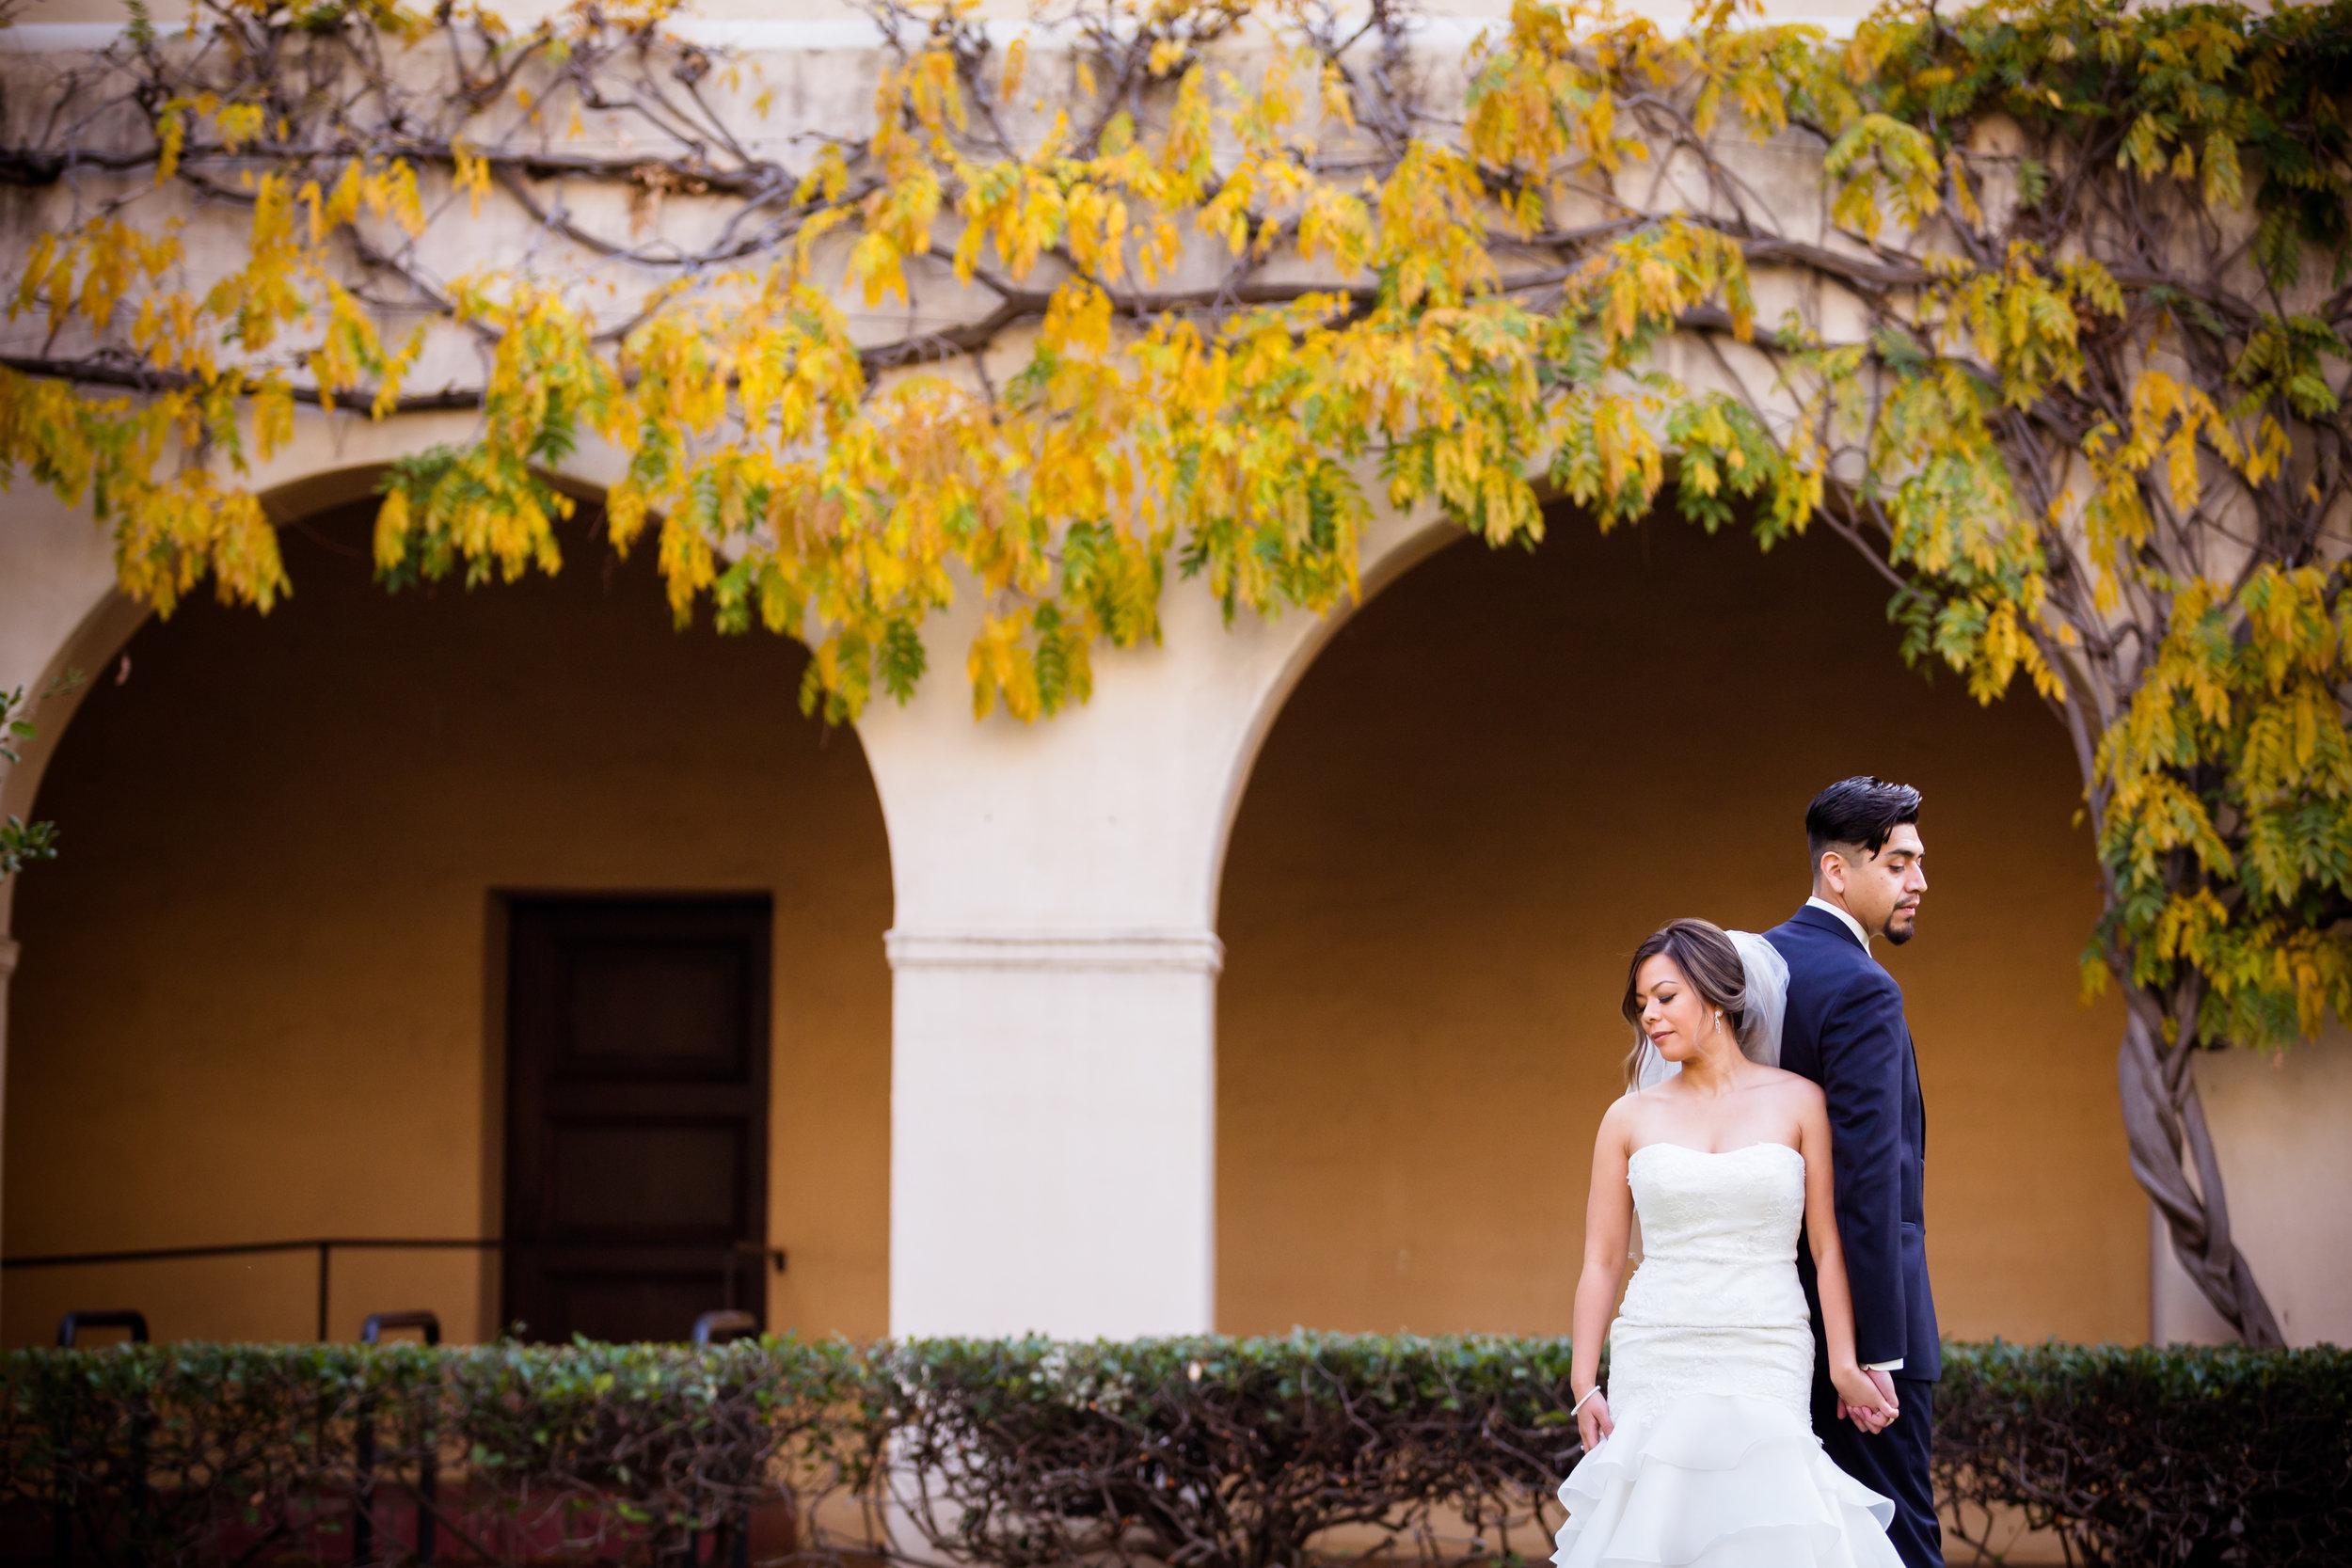 Tina and Jorge - Couple photos-3.jpg